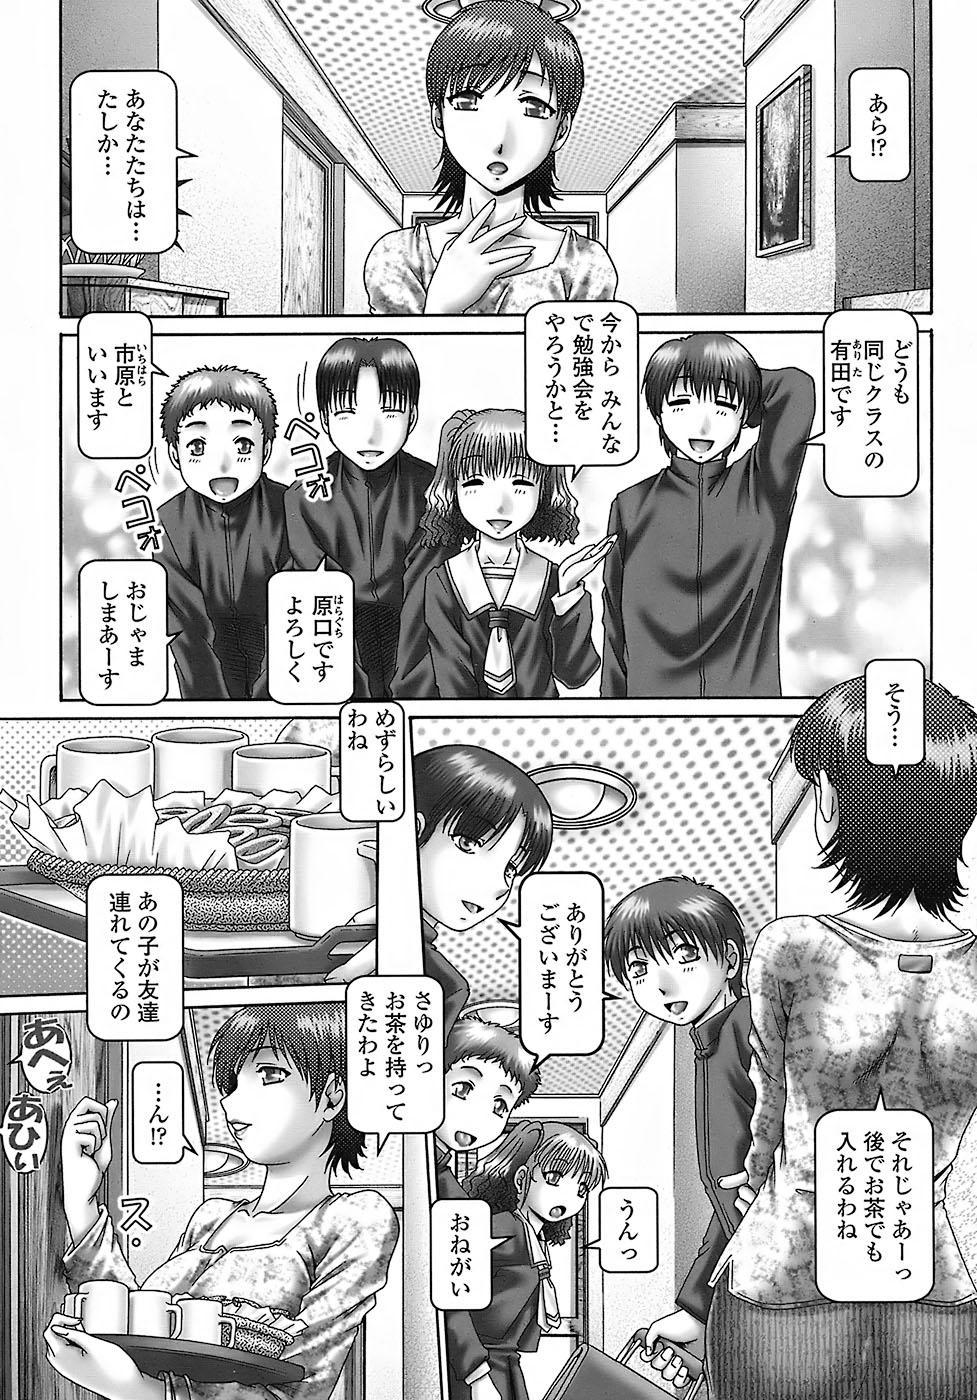 Tenshi no Shizuku 137